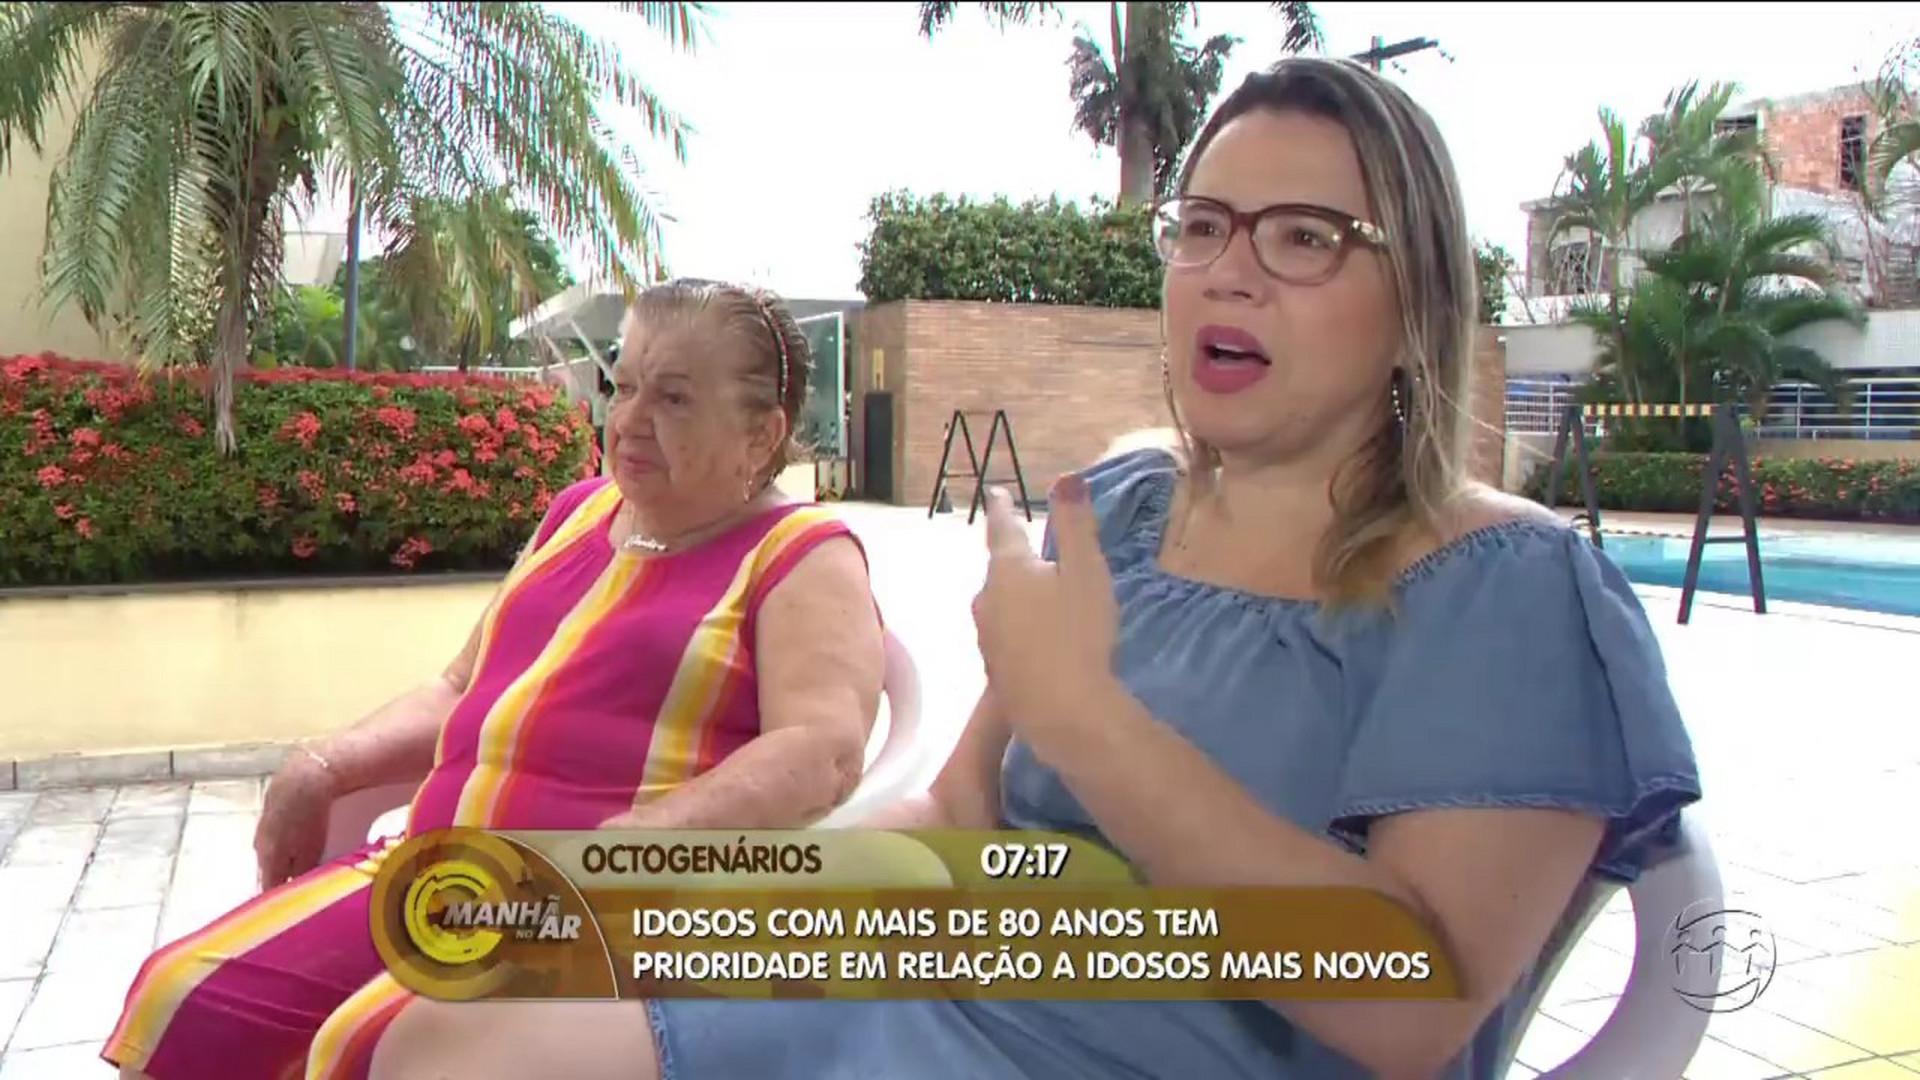 IDOSOS COM MAIS DE 80 ANOS PASSAM A TER PRIORIDADE ESPECIAL - Manhã no Ar 17/08/17 - Alô Amazonas 17/08/2017